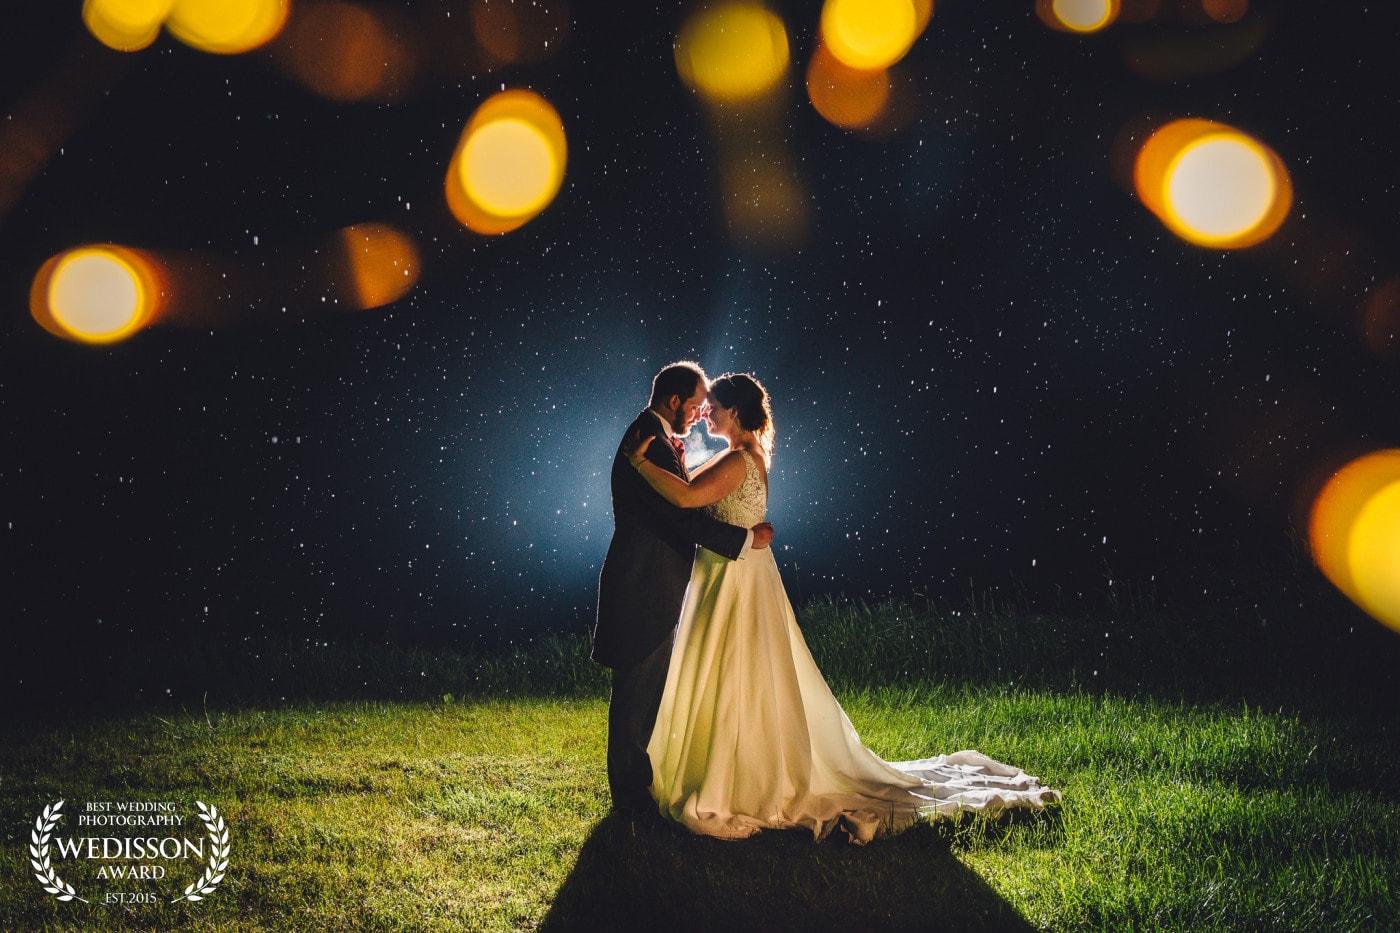 Weddison award won by J S Coates Wedding Photography